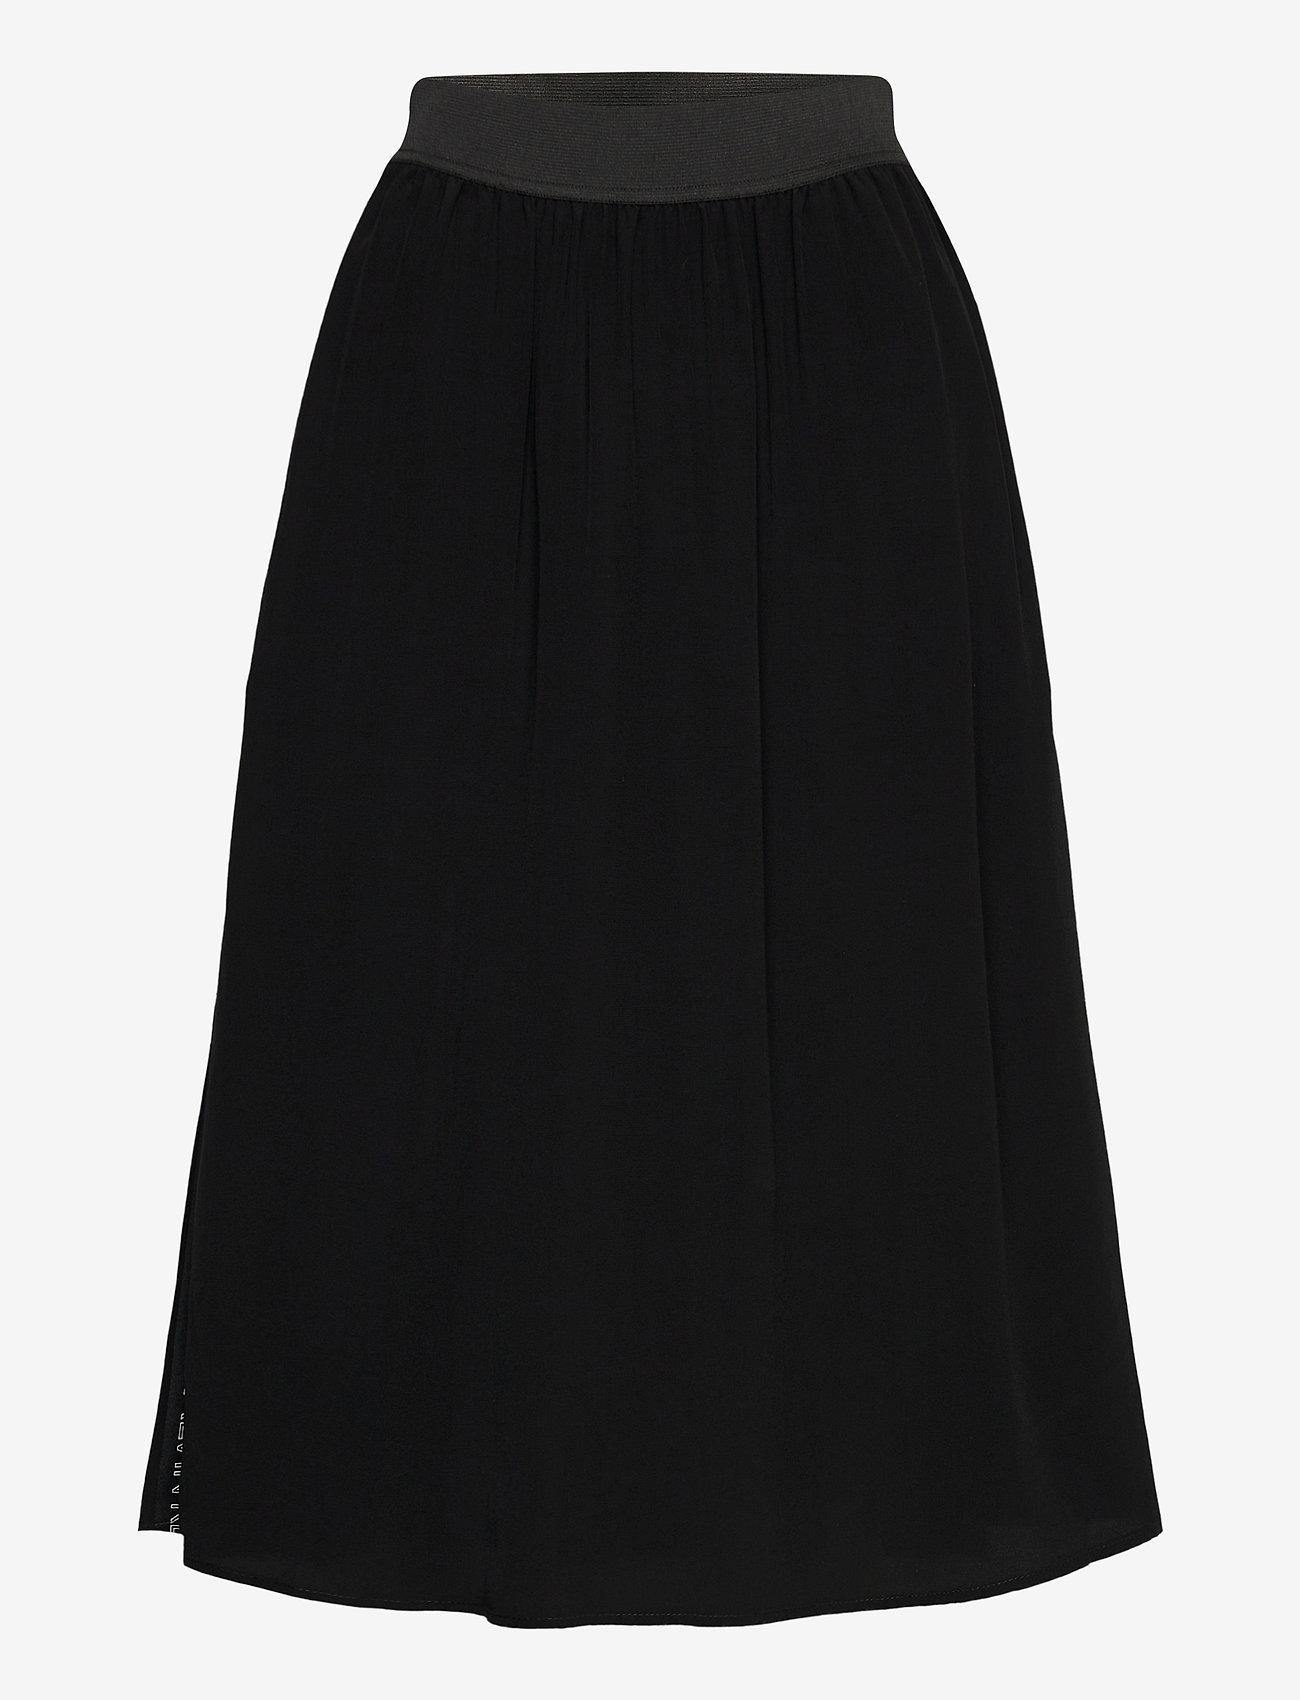 Calvin Klein Jeans - OUTLINE LOGO DRAPEY SKIRT - midi skjørt - ck black - 0